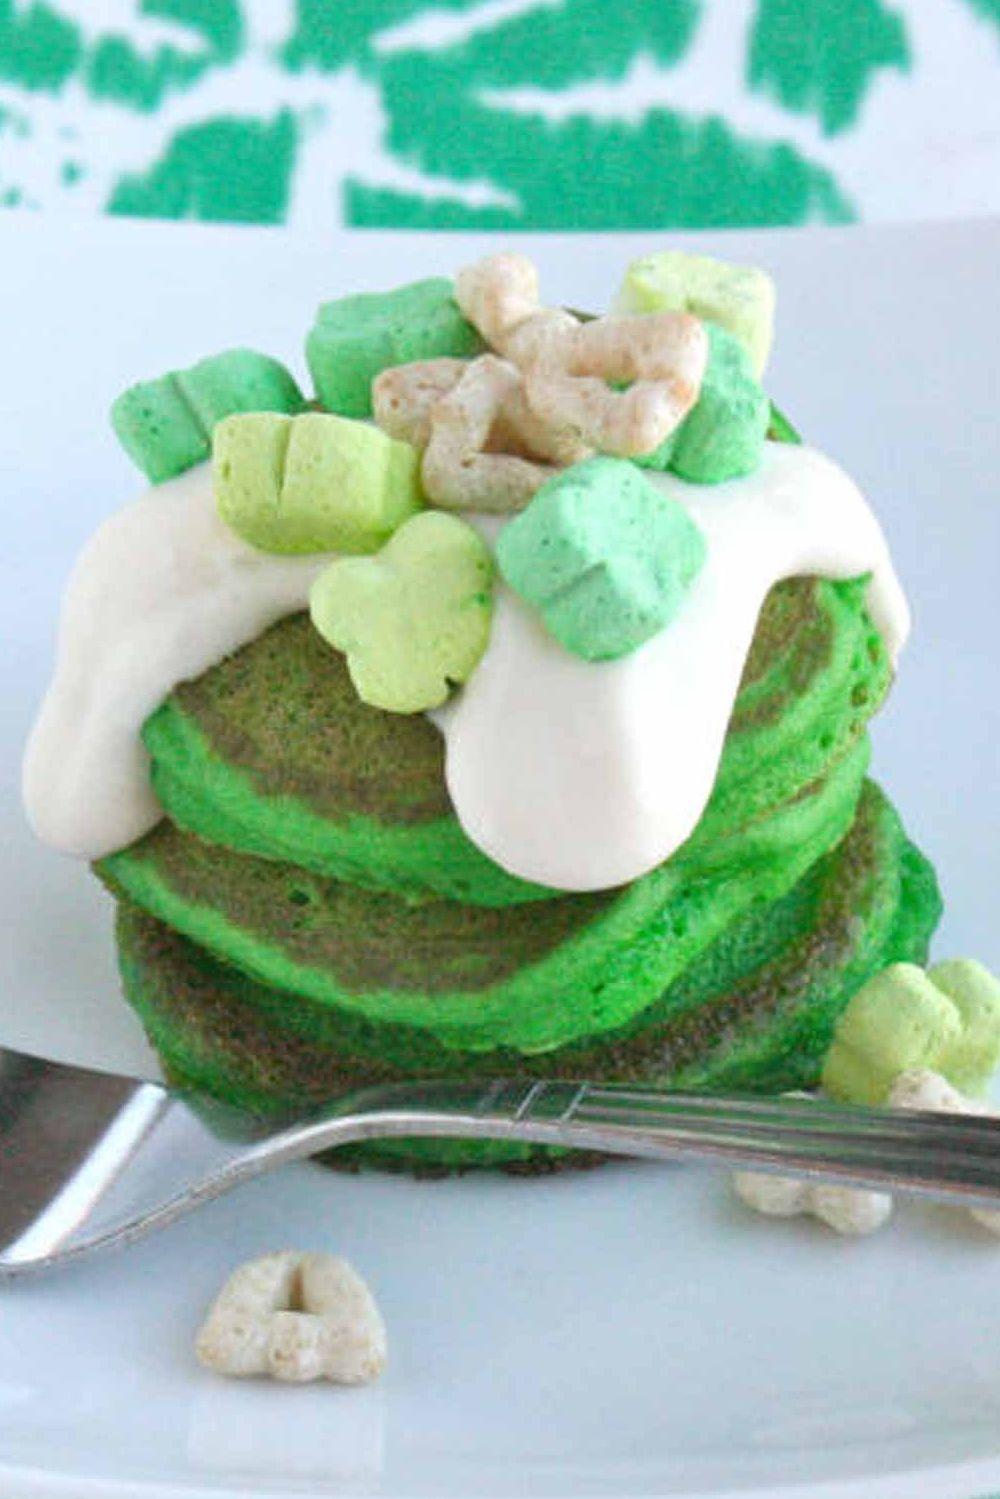 St. Patrick's Day Recipes - Green Velvet Pancakes